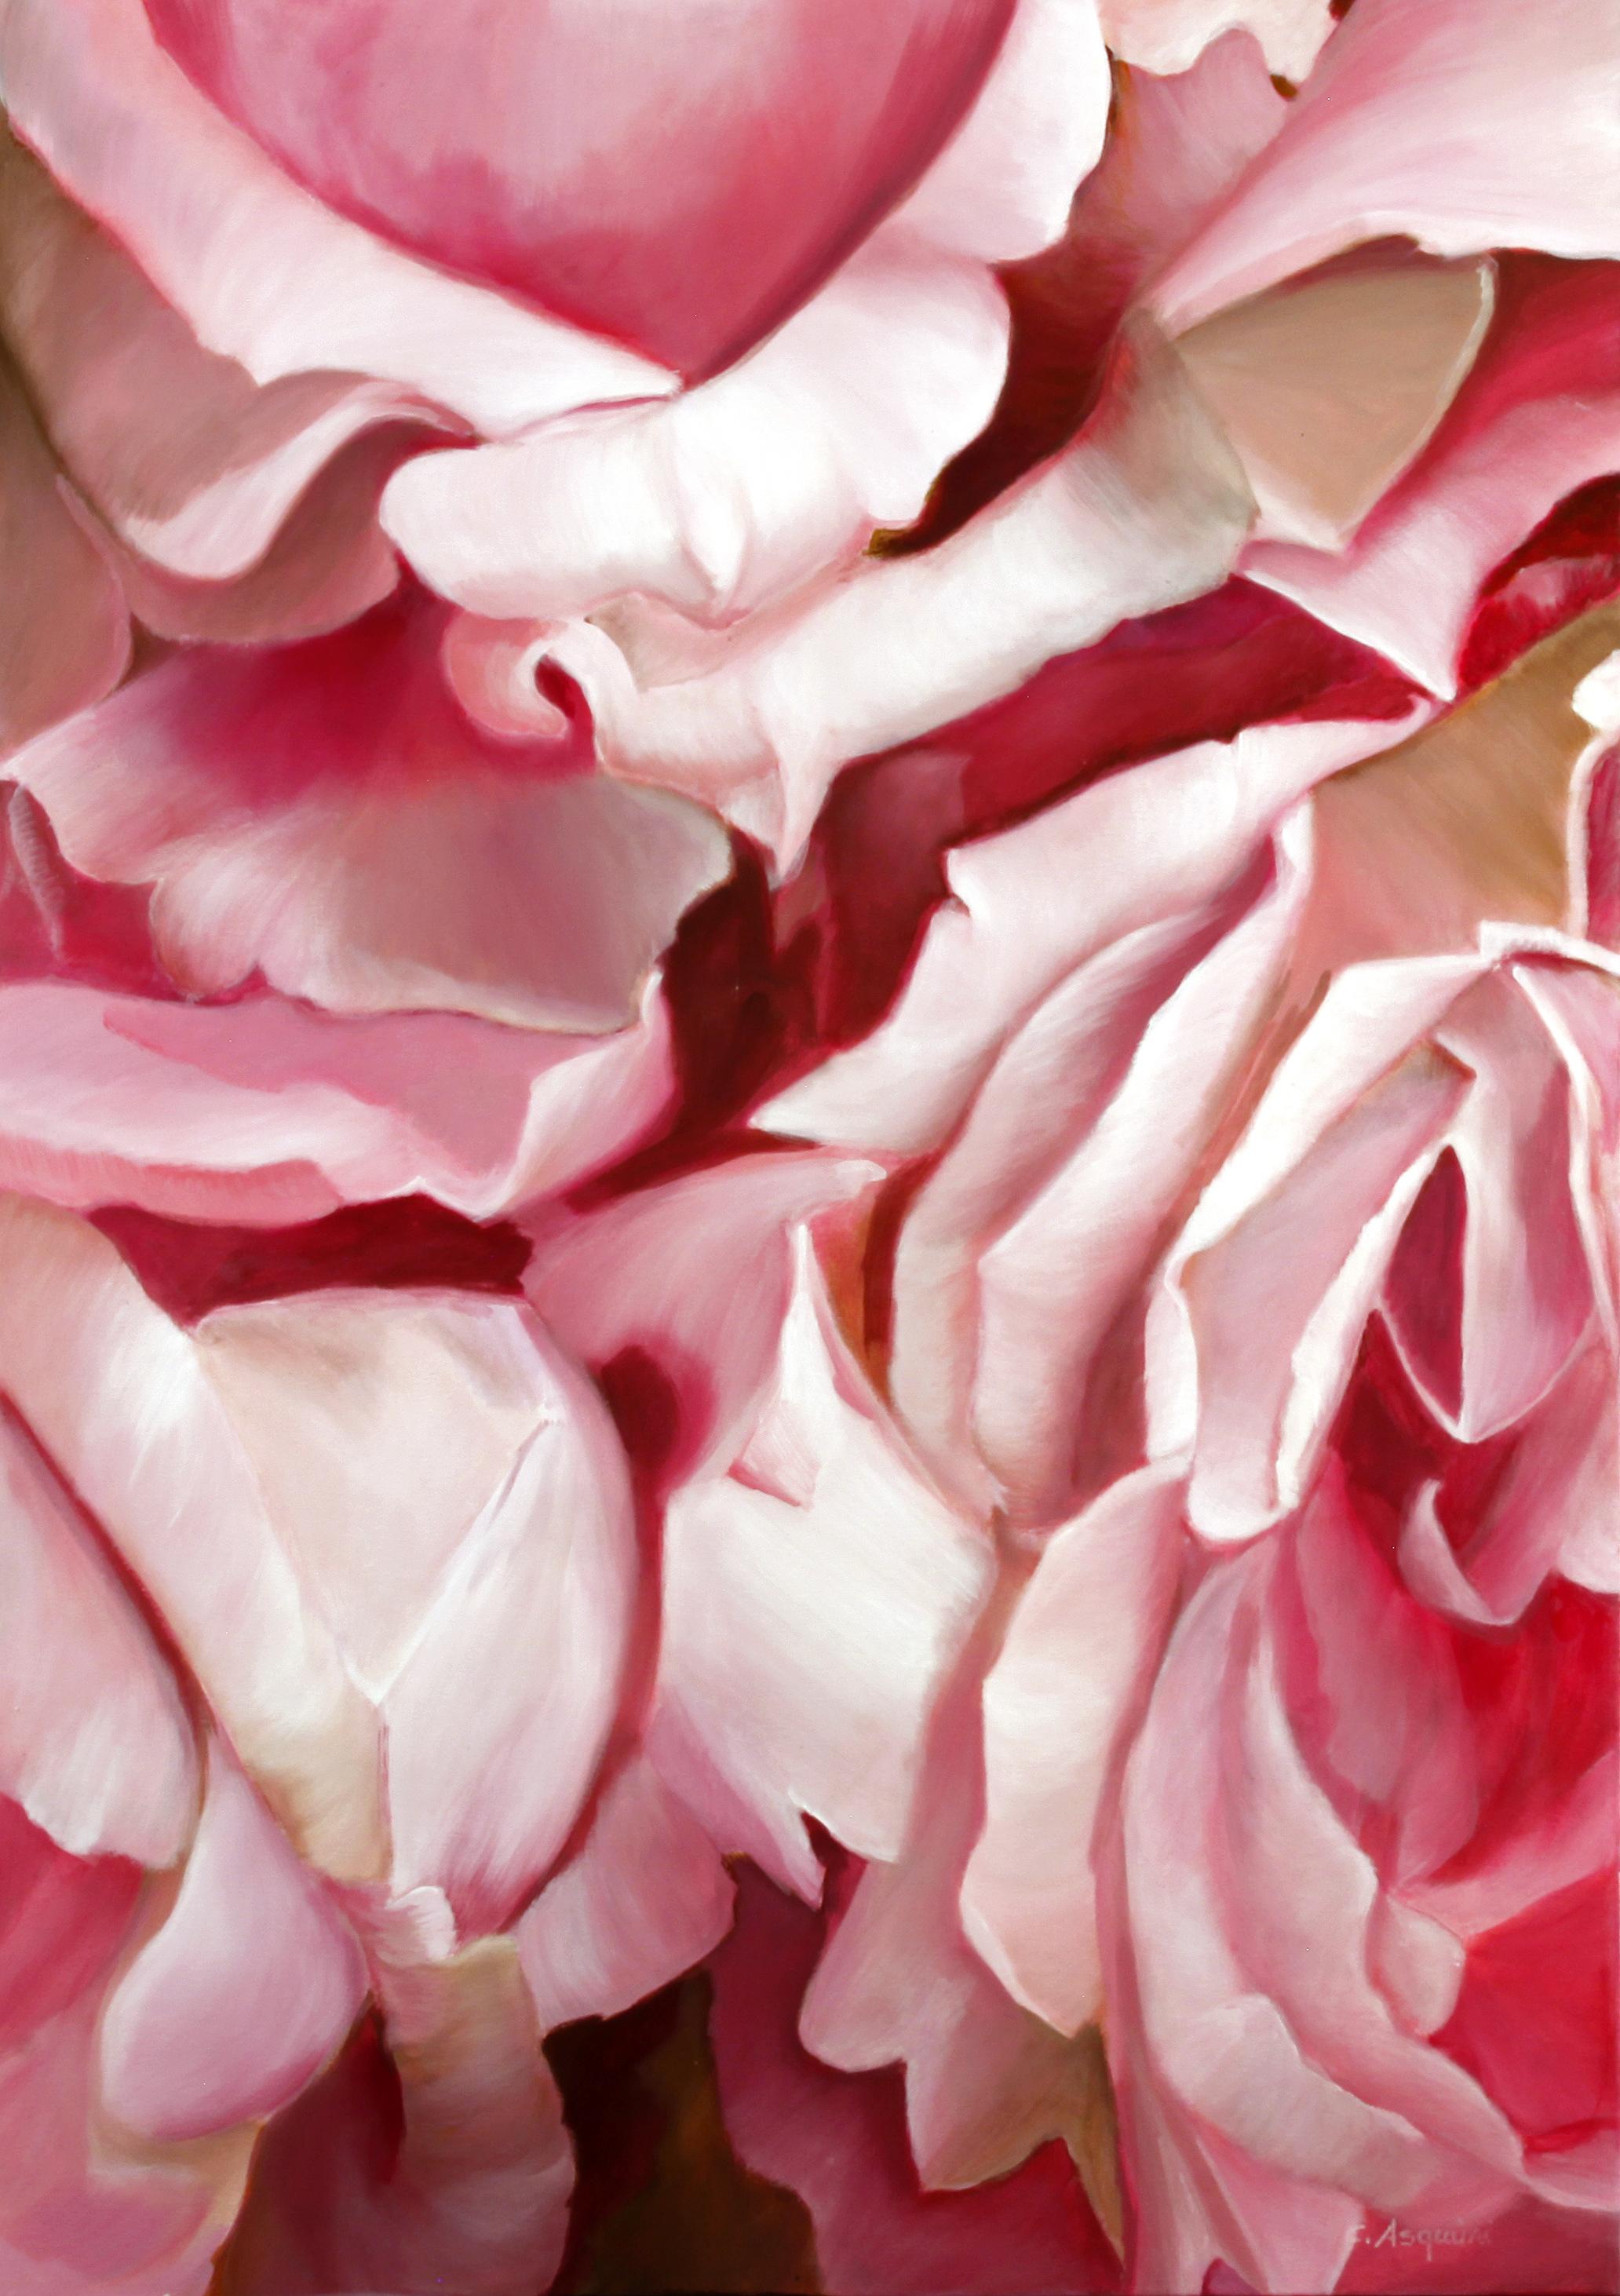 dettagli roses 70 x 100